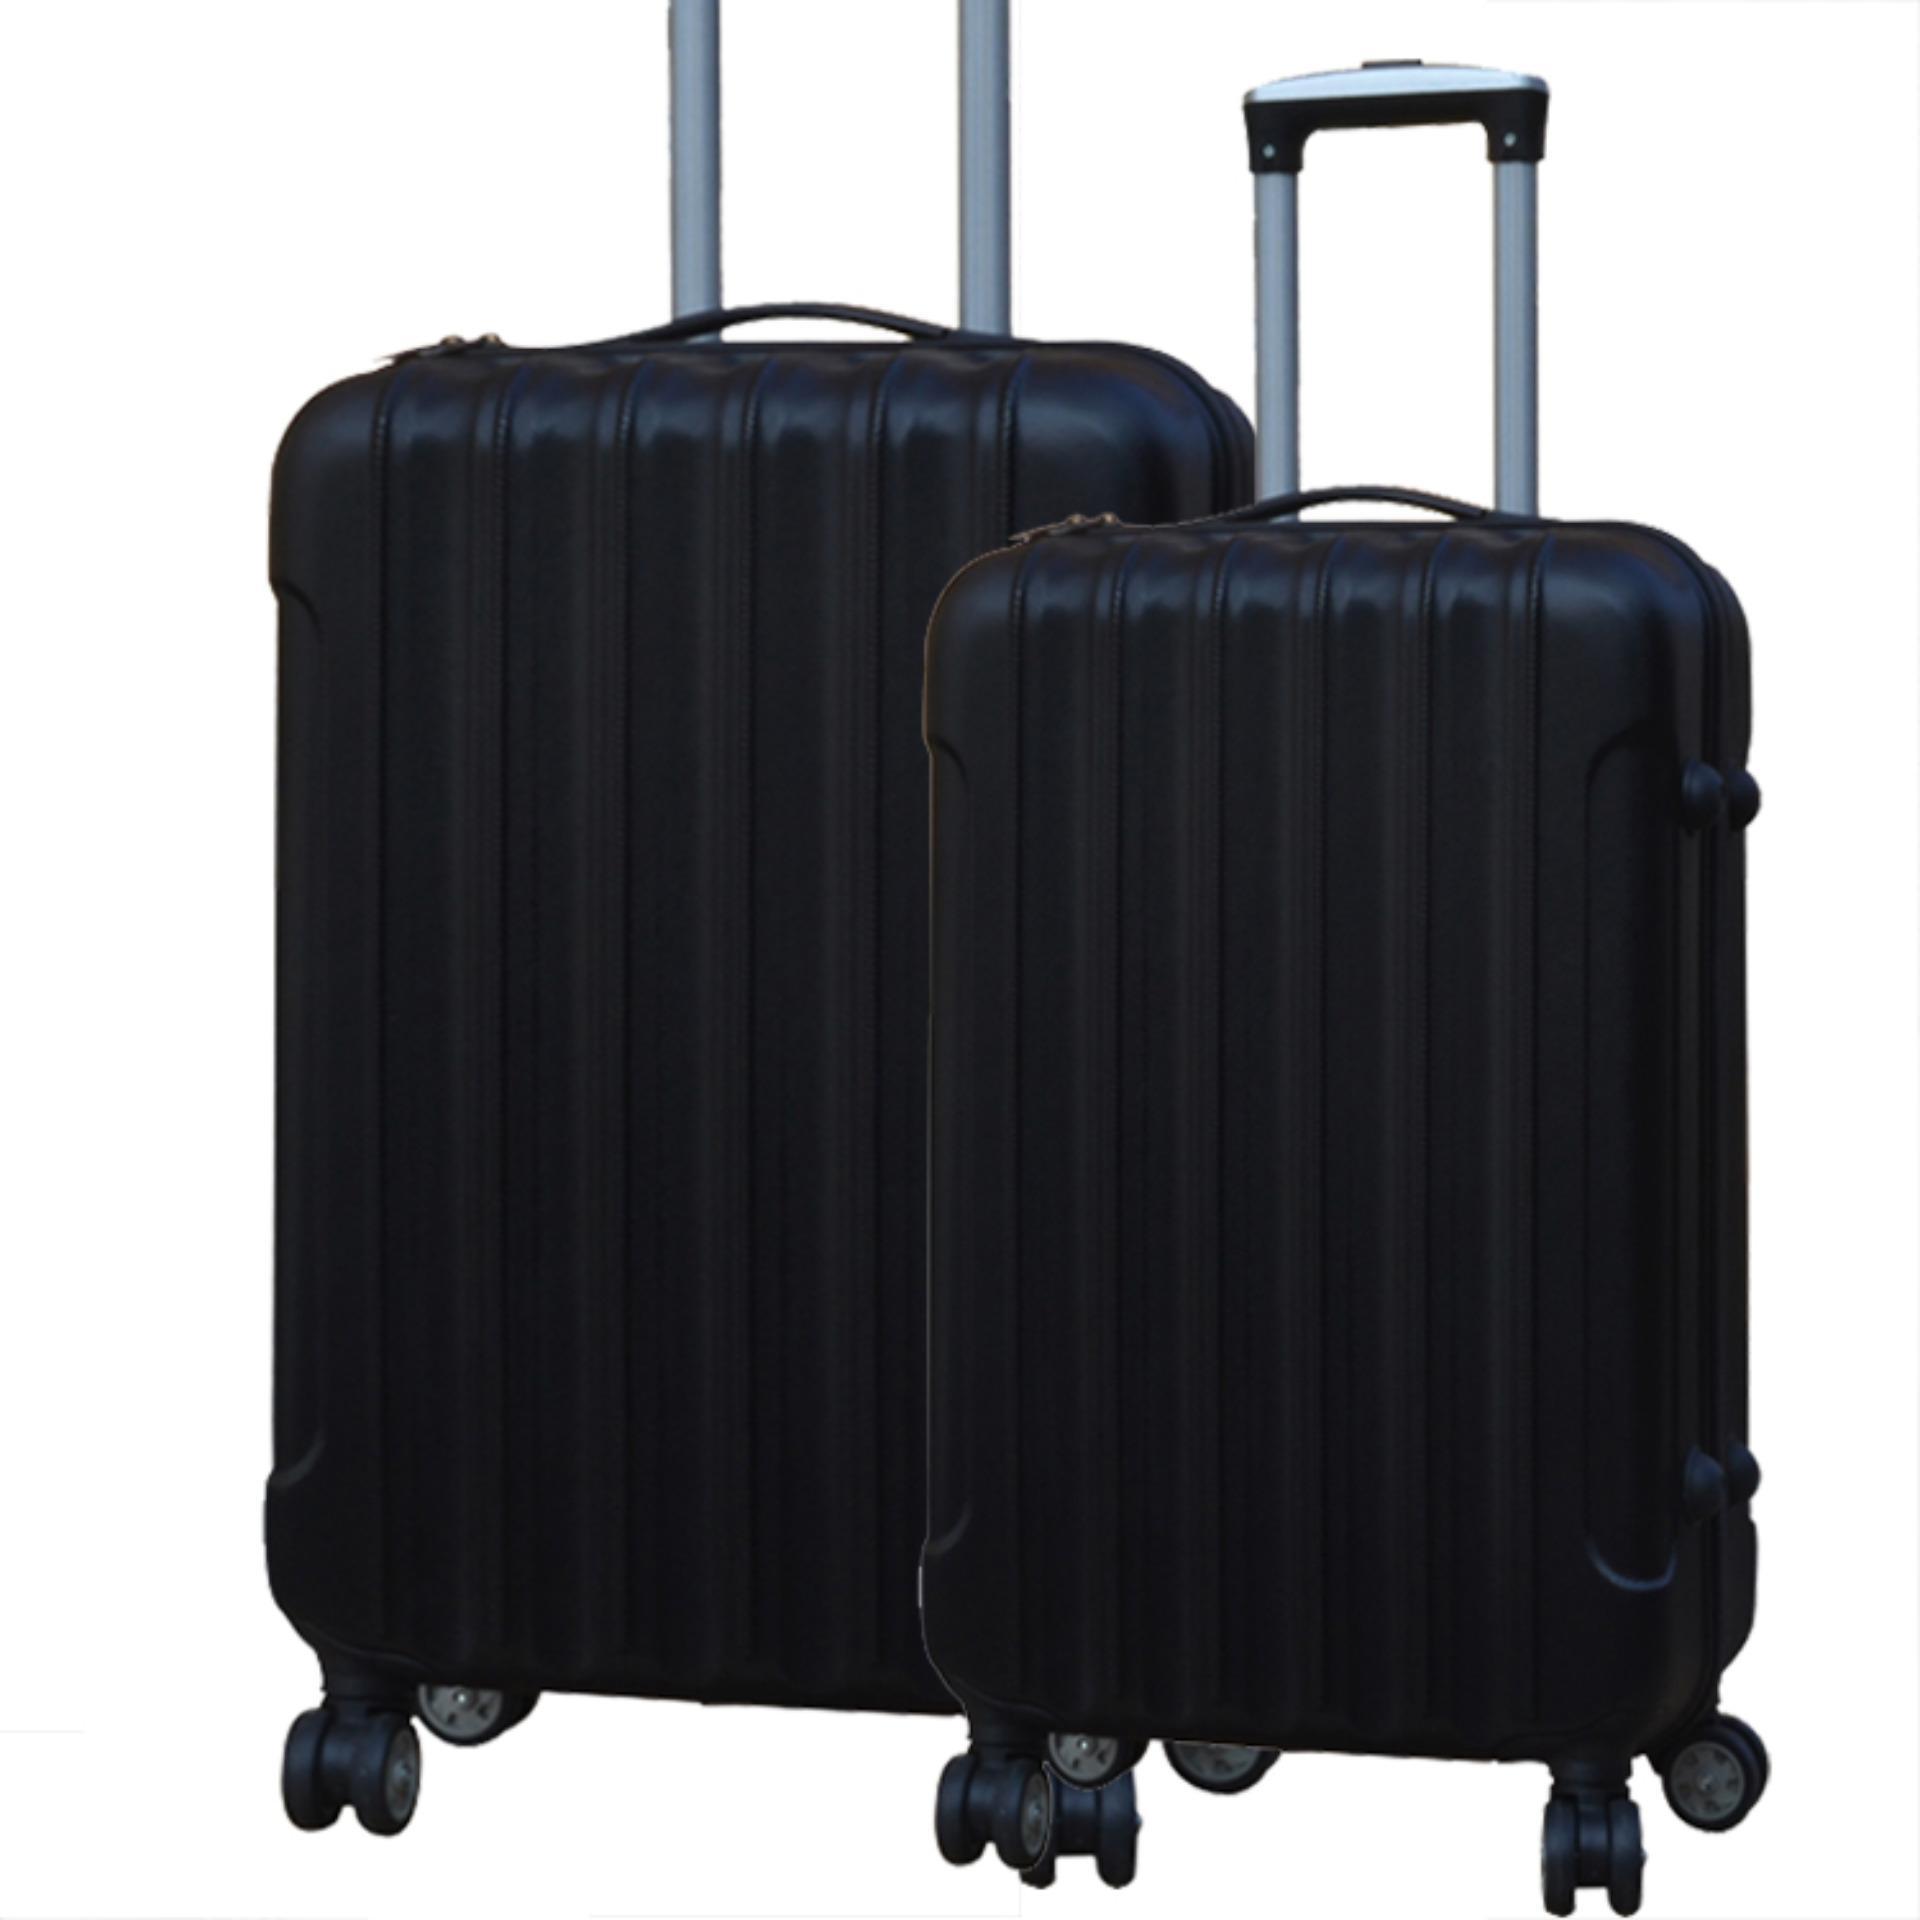 Free Source uNiQue Travel Luggage Koper Hardcase Speedlite 24 inch 20 inch Koper .